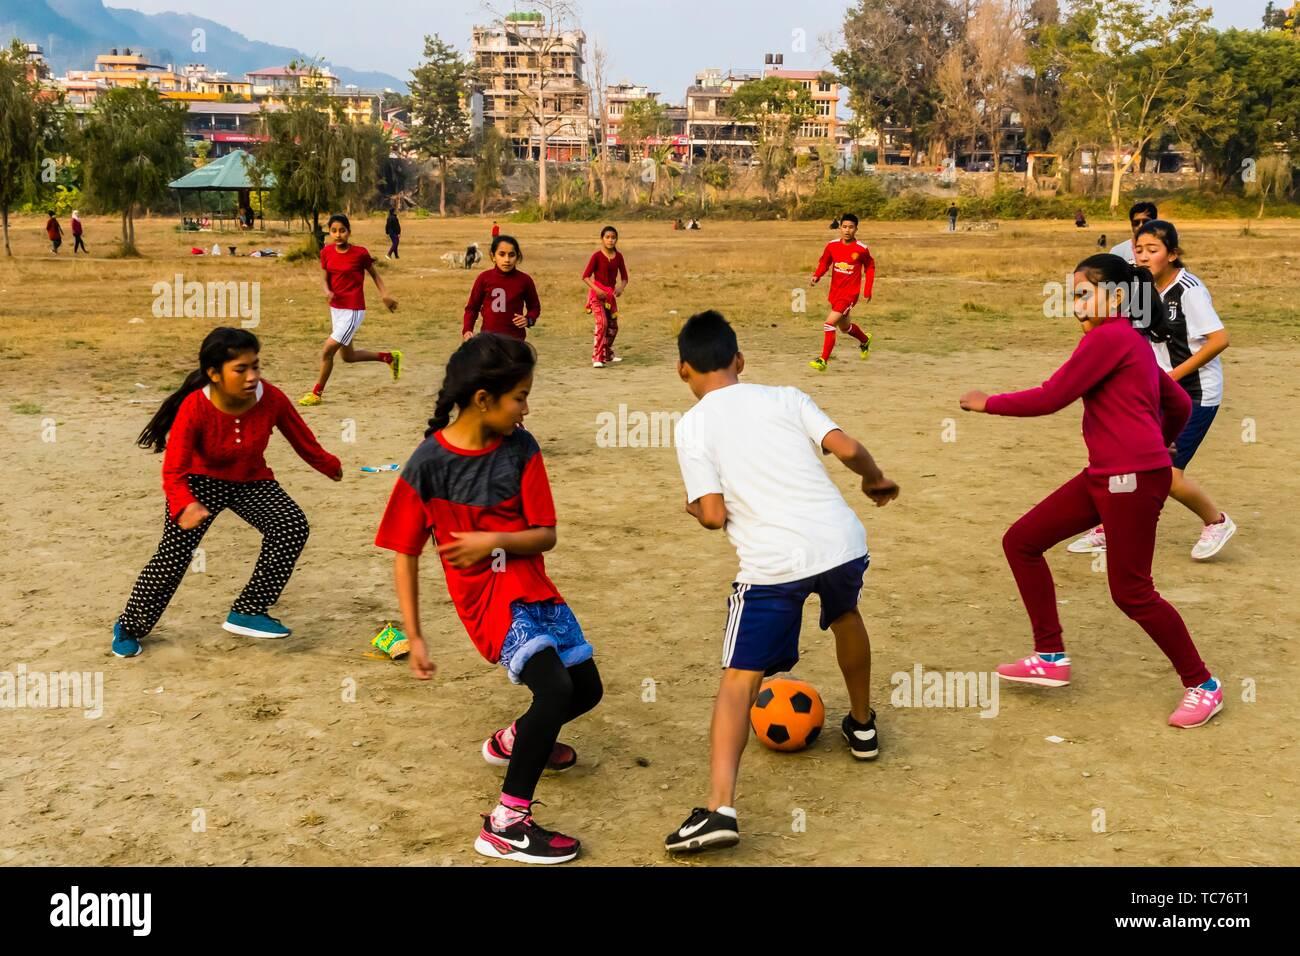 Les filles et les garçons à jouer au soccer, Lakeside, Pokhara, Népal. Photo Stock